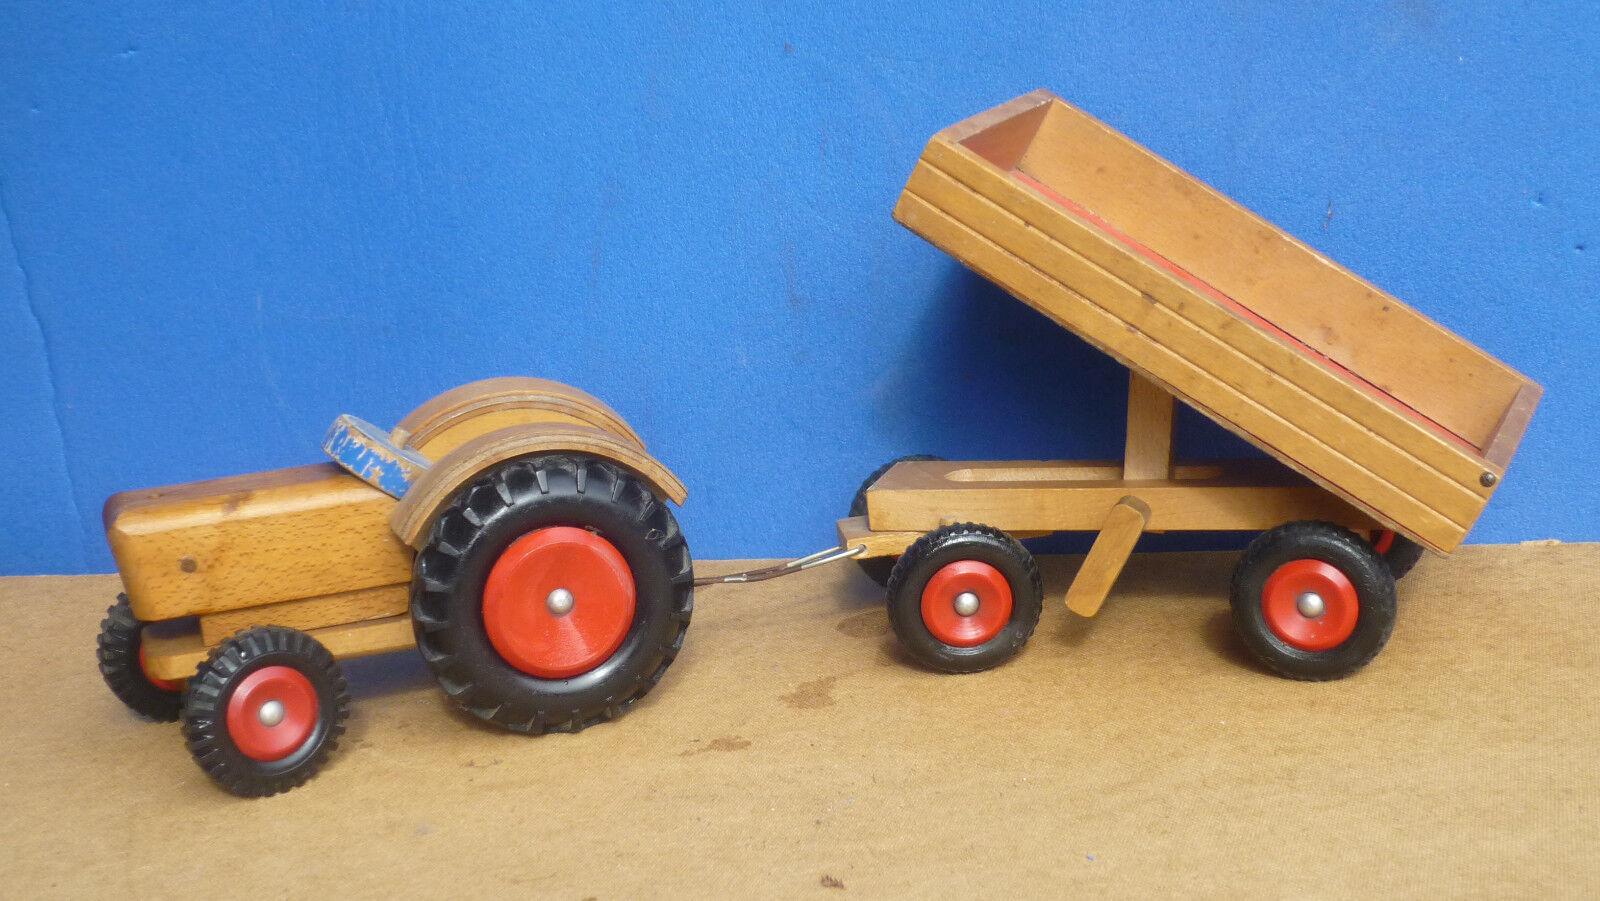 Holztraktor Holztraktor Holztraktor mit Hänger DDR zeit kippbar lenkbar 72ea84